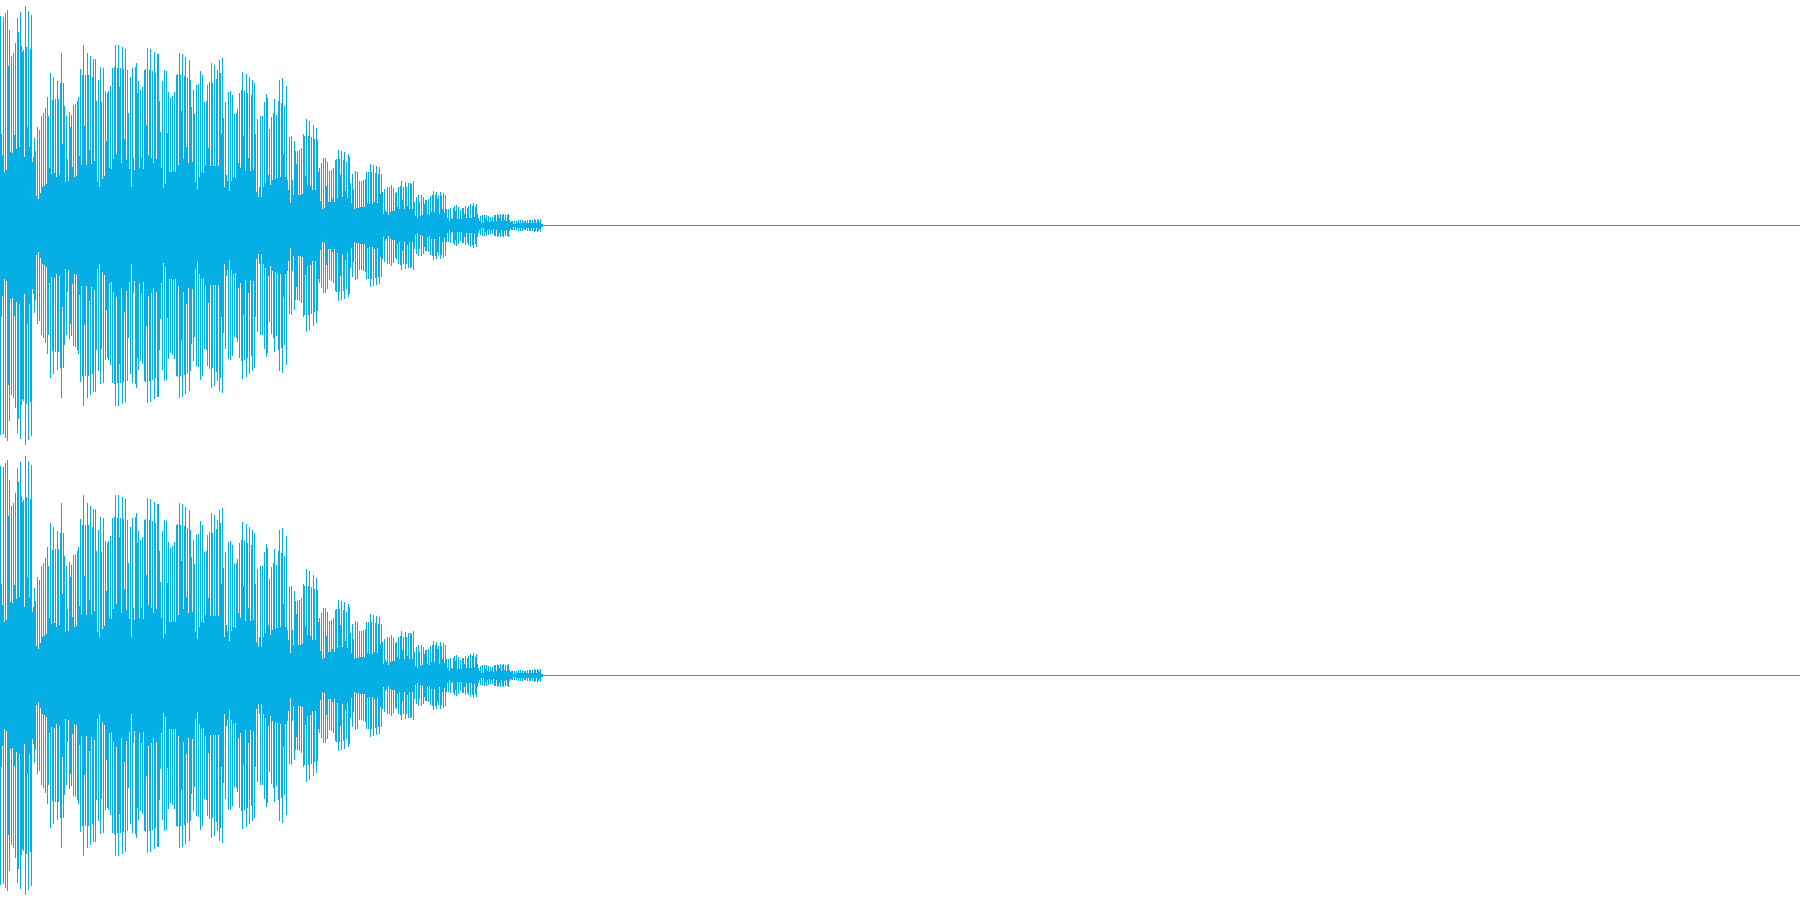 ピィィンの再生済みの波形